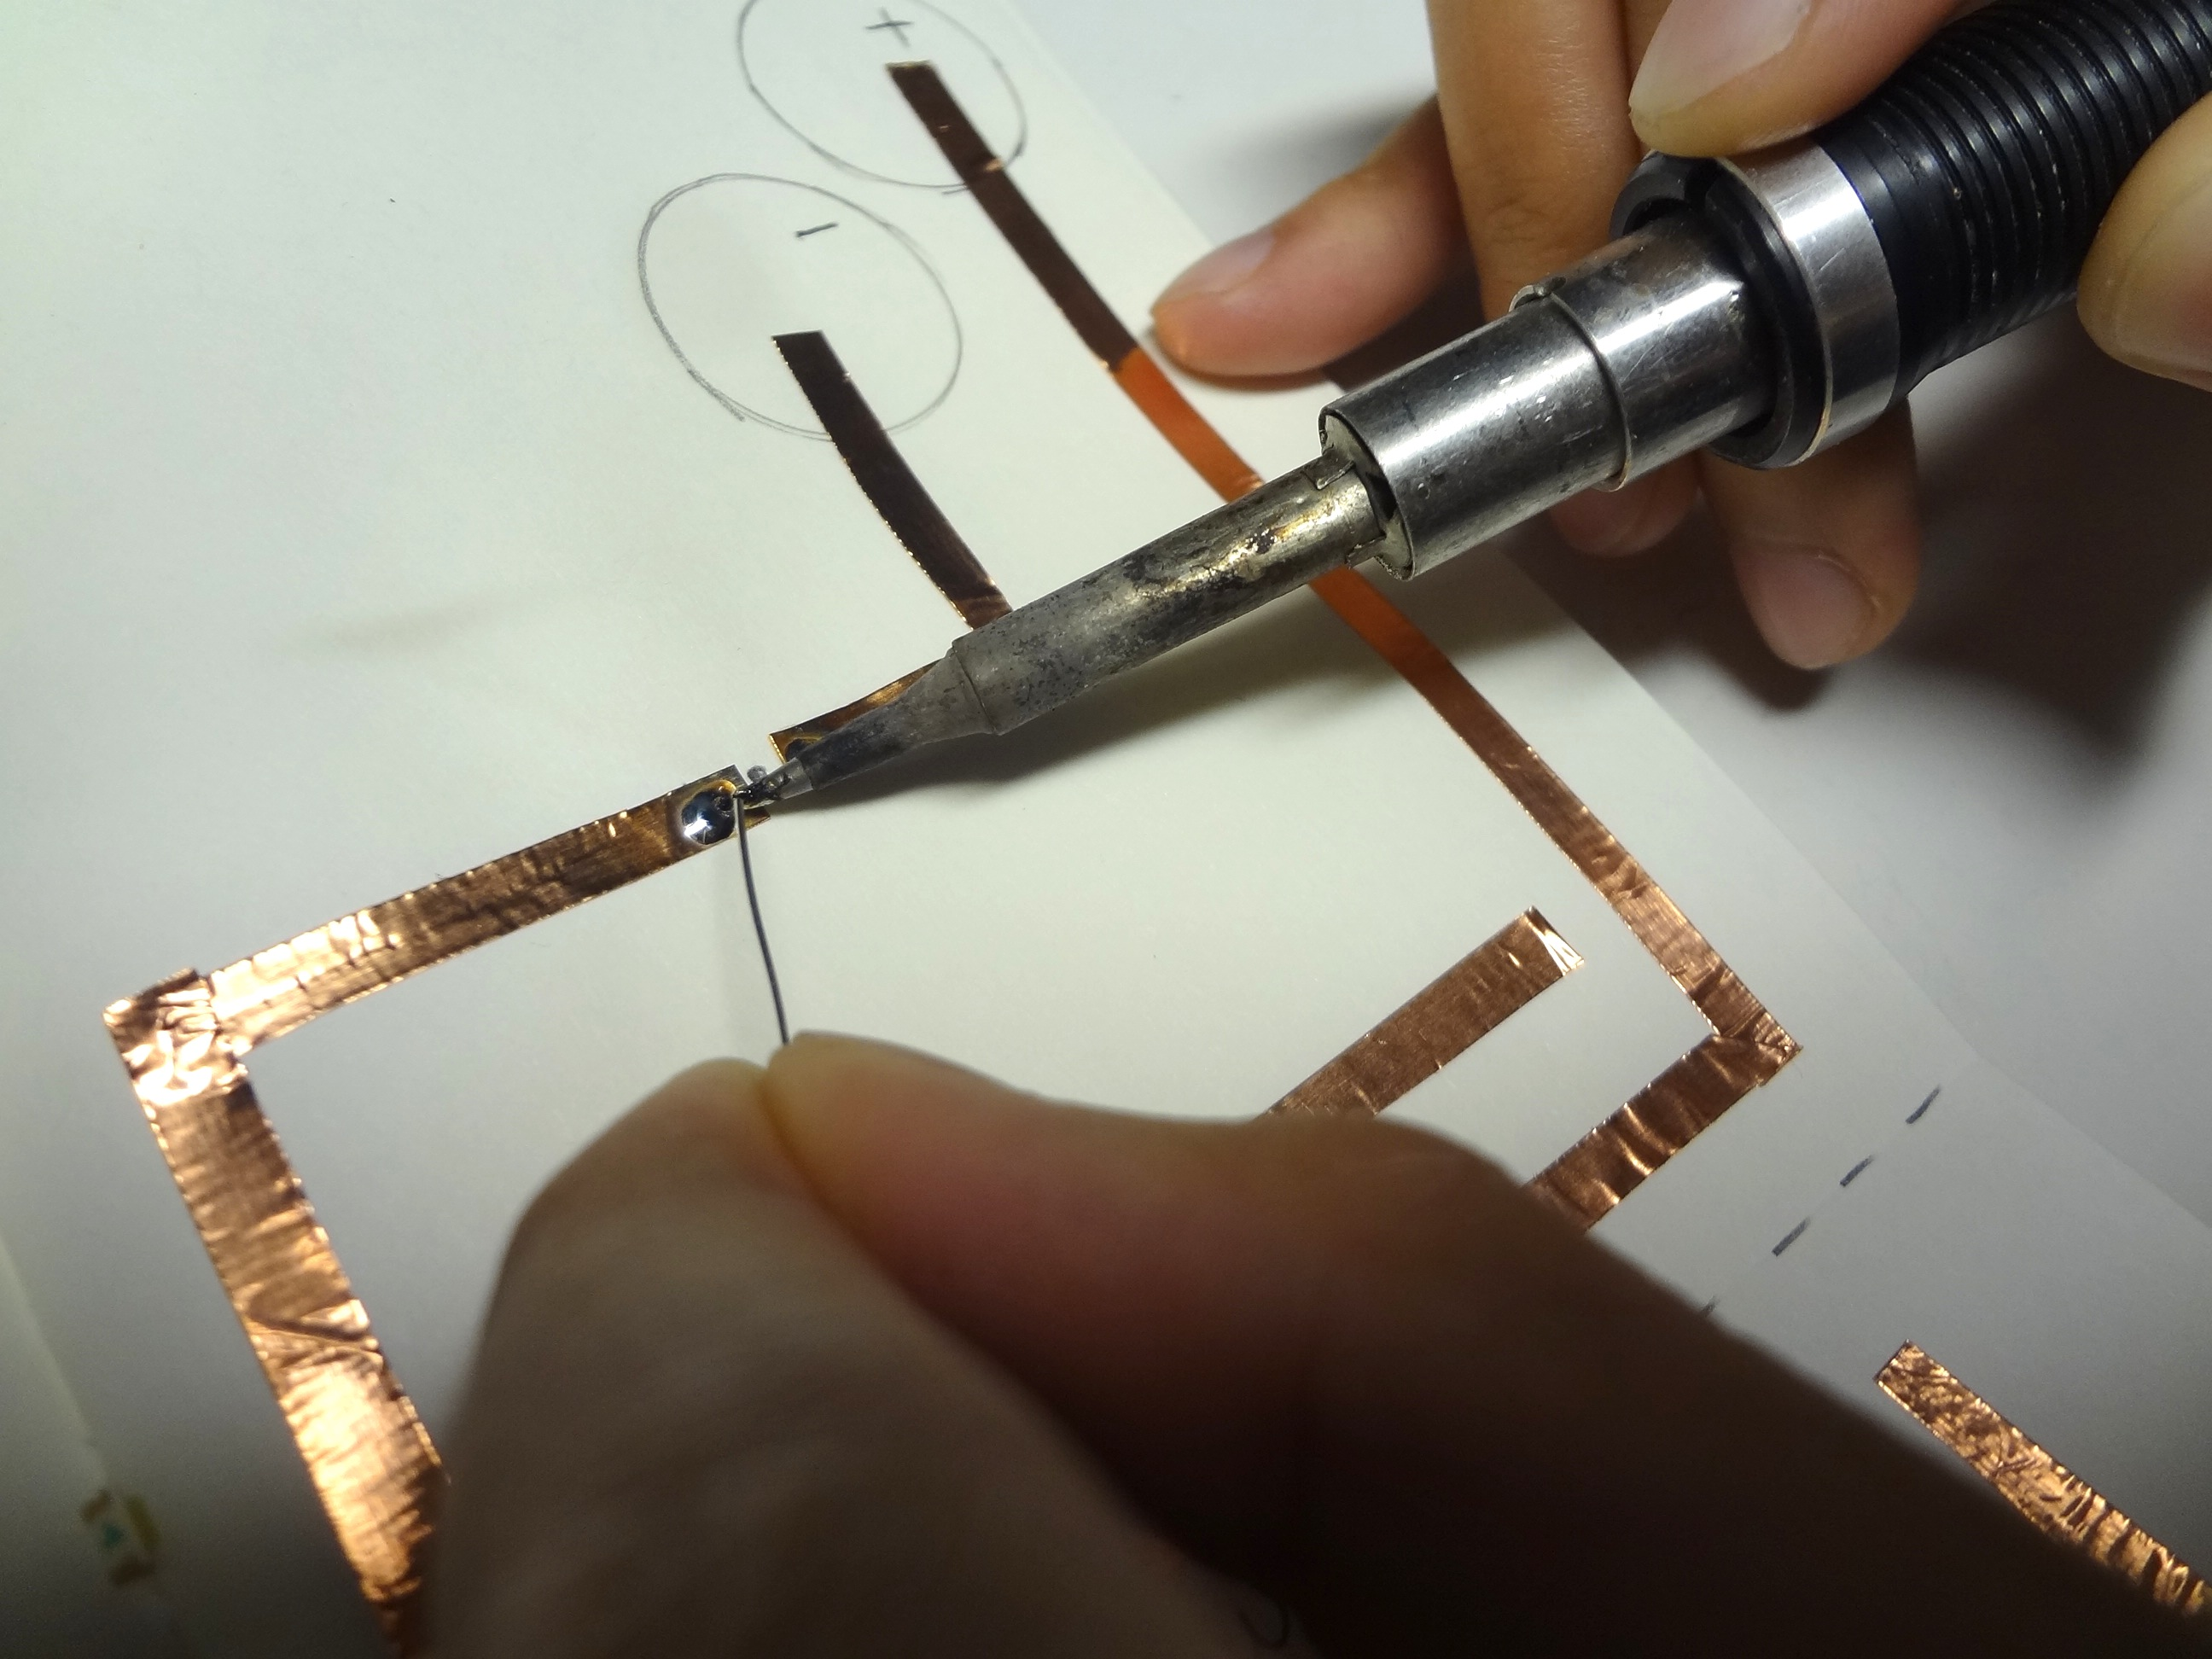 melting solder